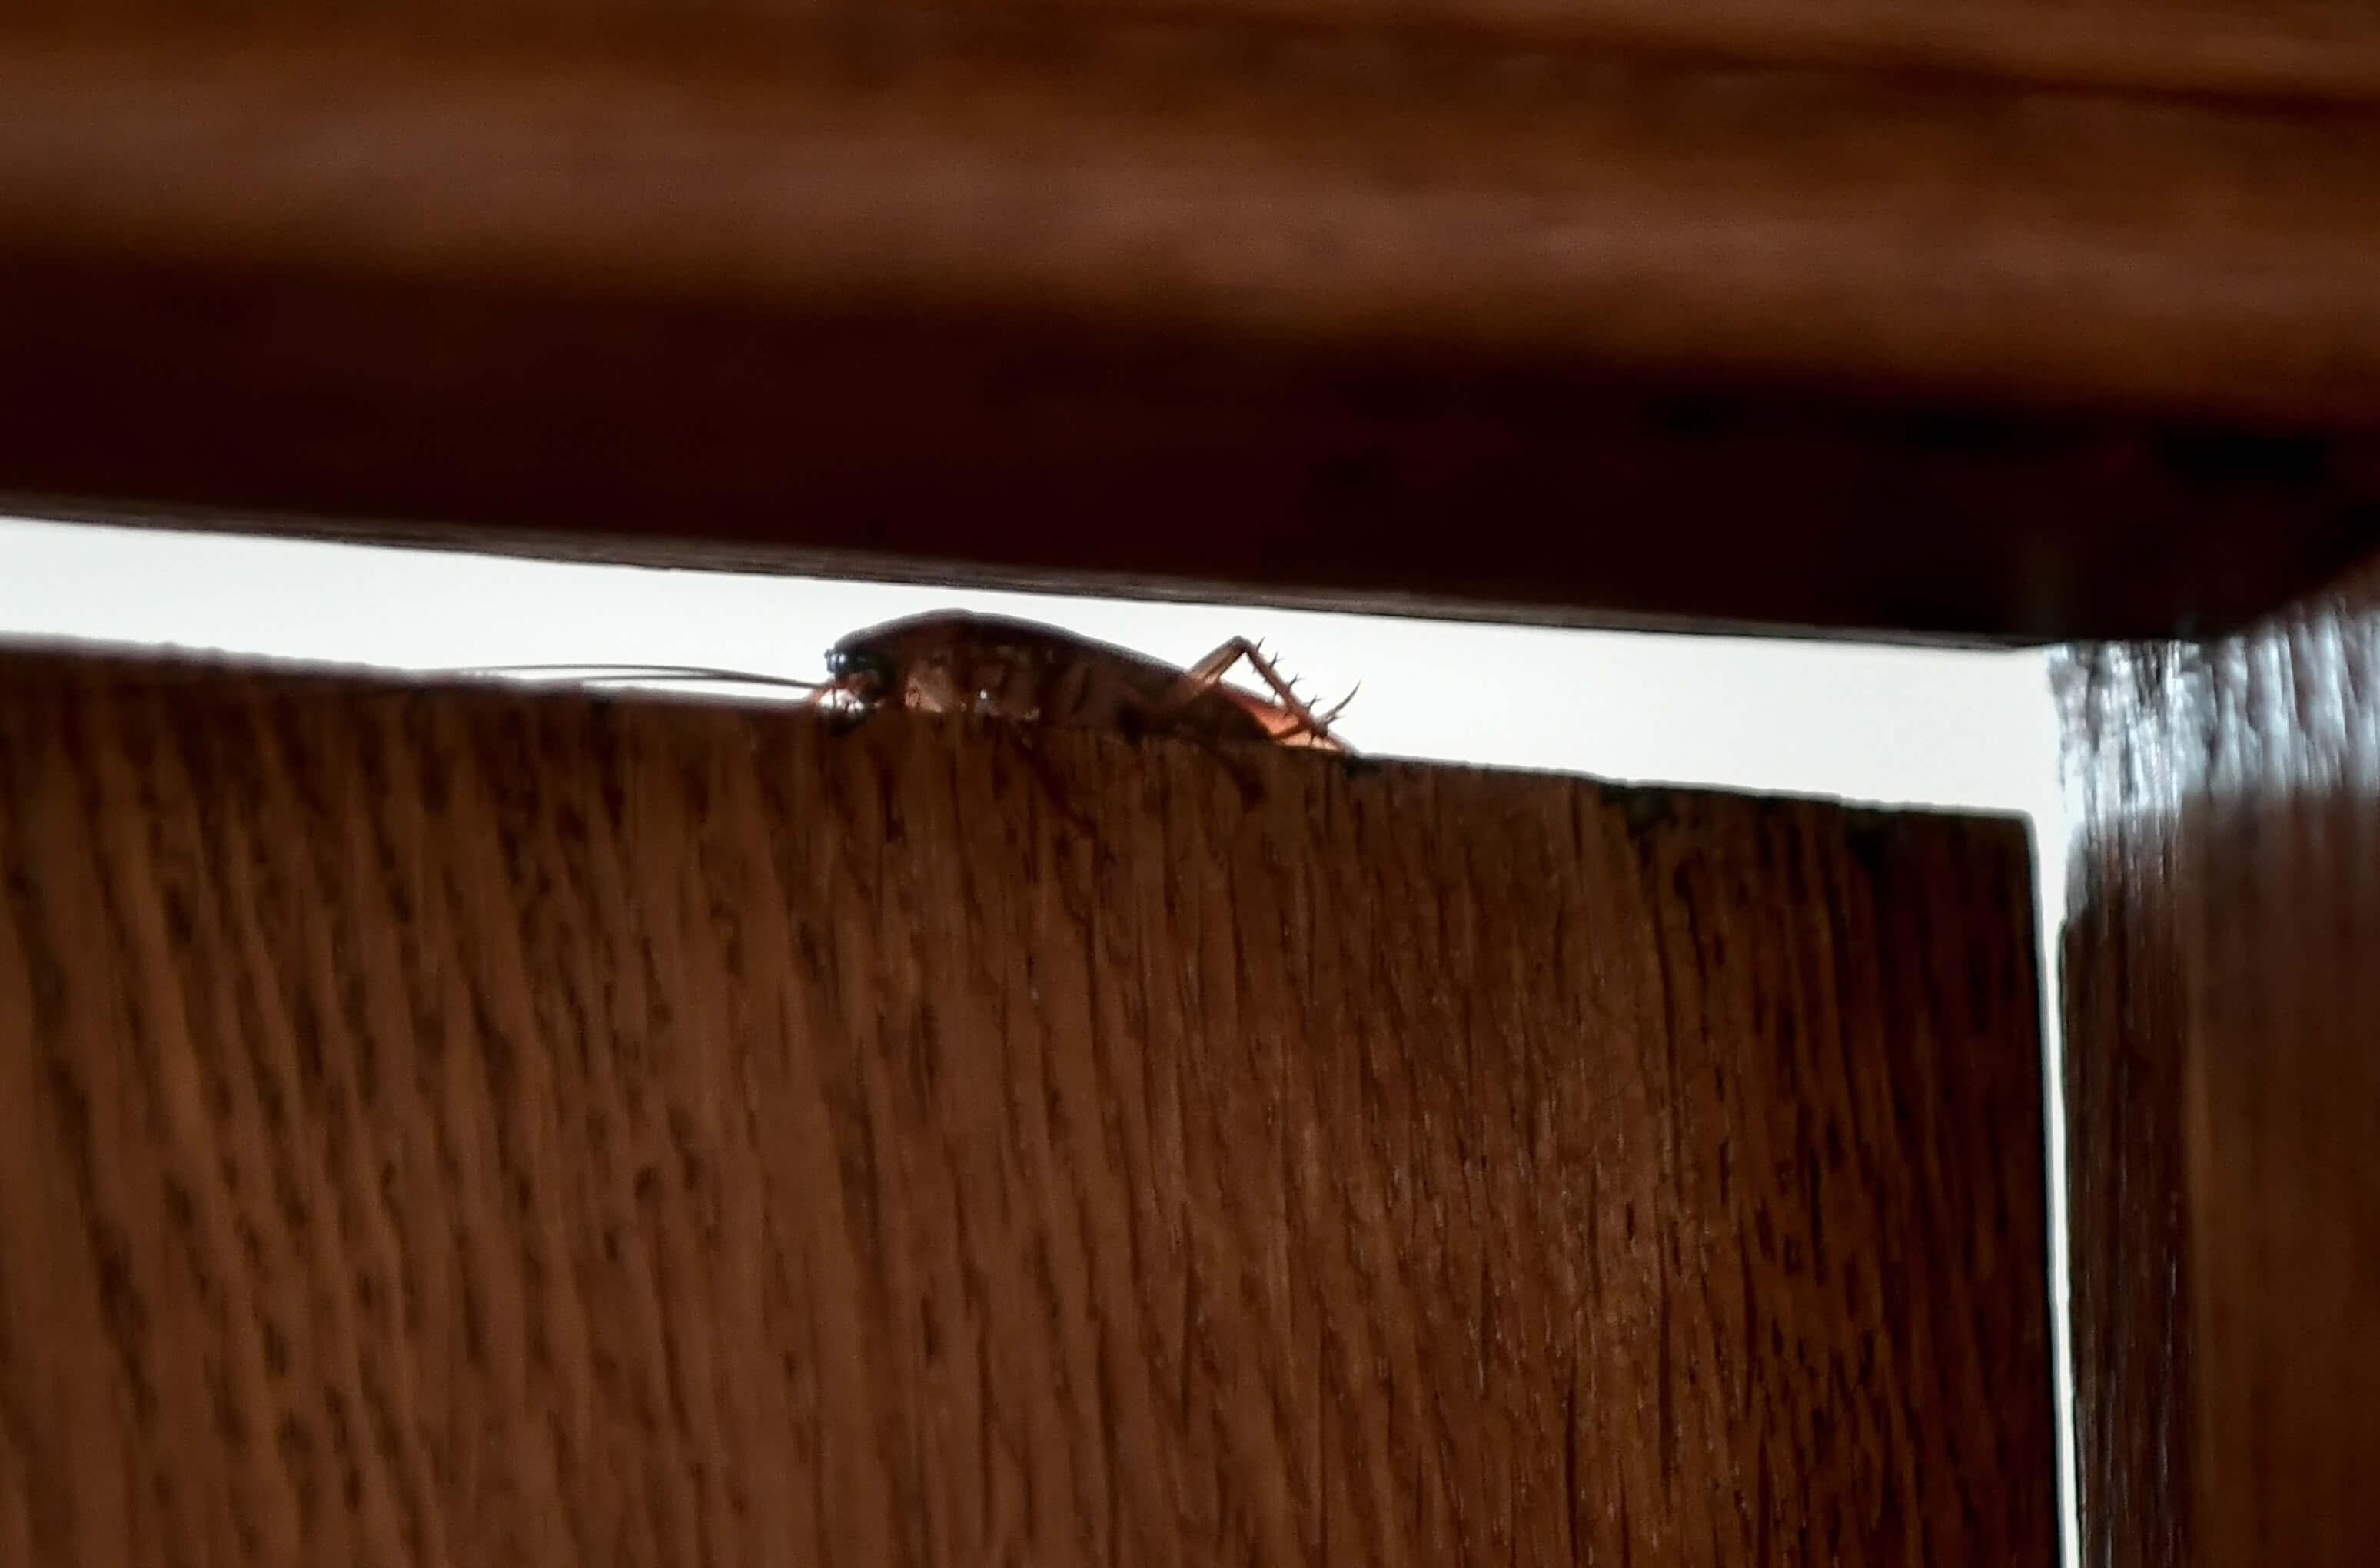 Λάρισα: Ασταμάτητες οι κατσαρίδες – Τρέχουν και δεν φτάνουν τα συνεργεία για απεντομώσεις!